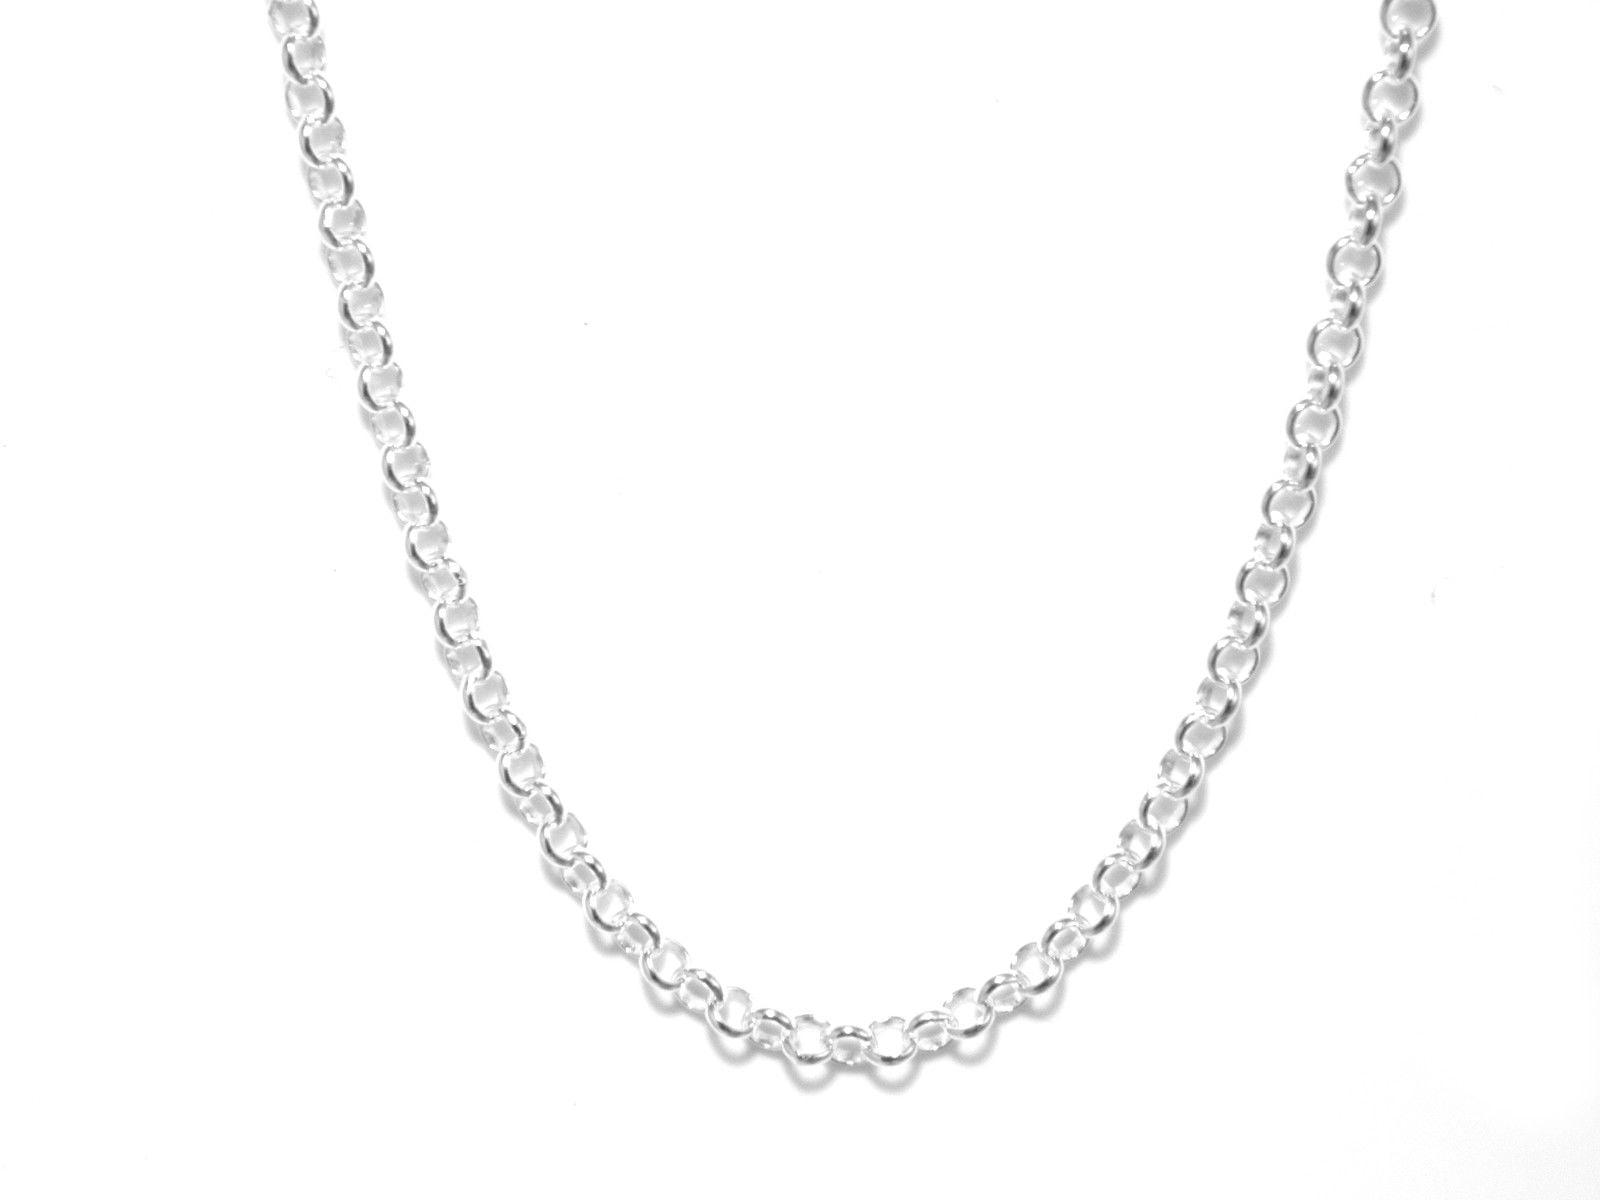 18 Inch Chain 2mm Gauge Belcher Style In Sterling Silver